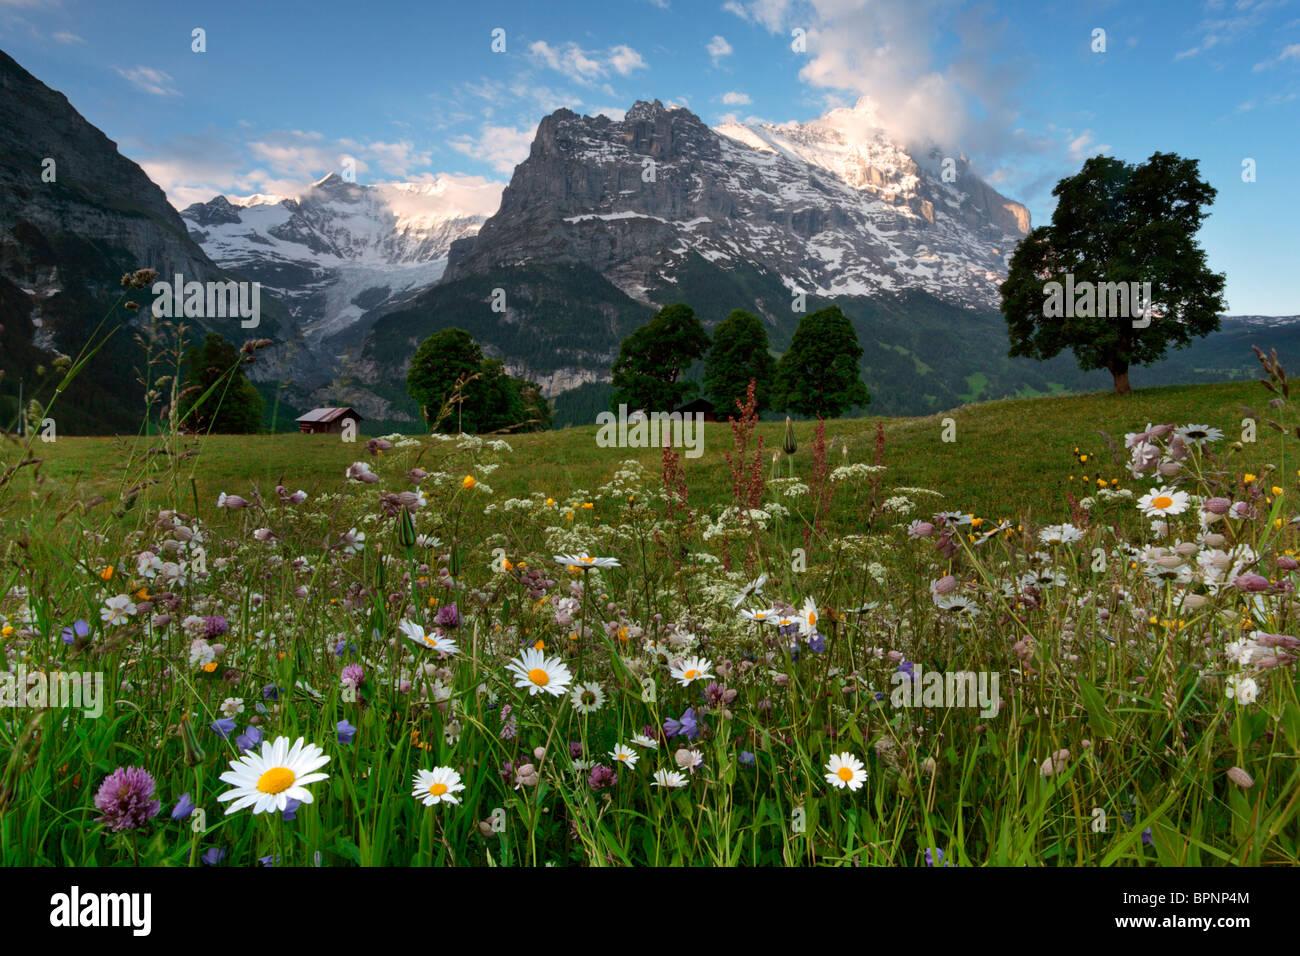 La luz de la mañana besa la cima del Eiger en el valle de Grindelwald, Suiza Imagen De Stock